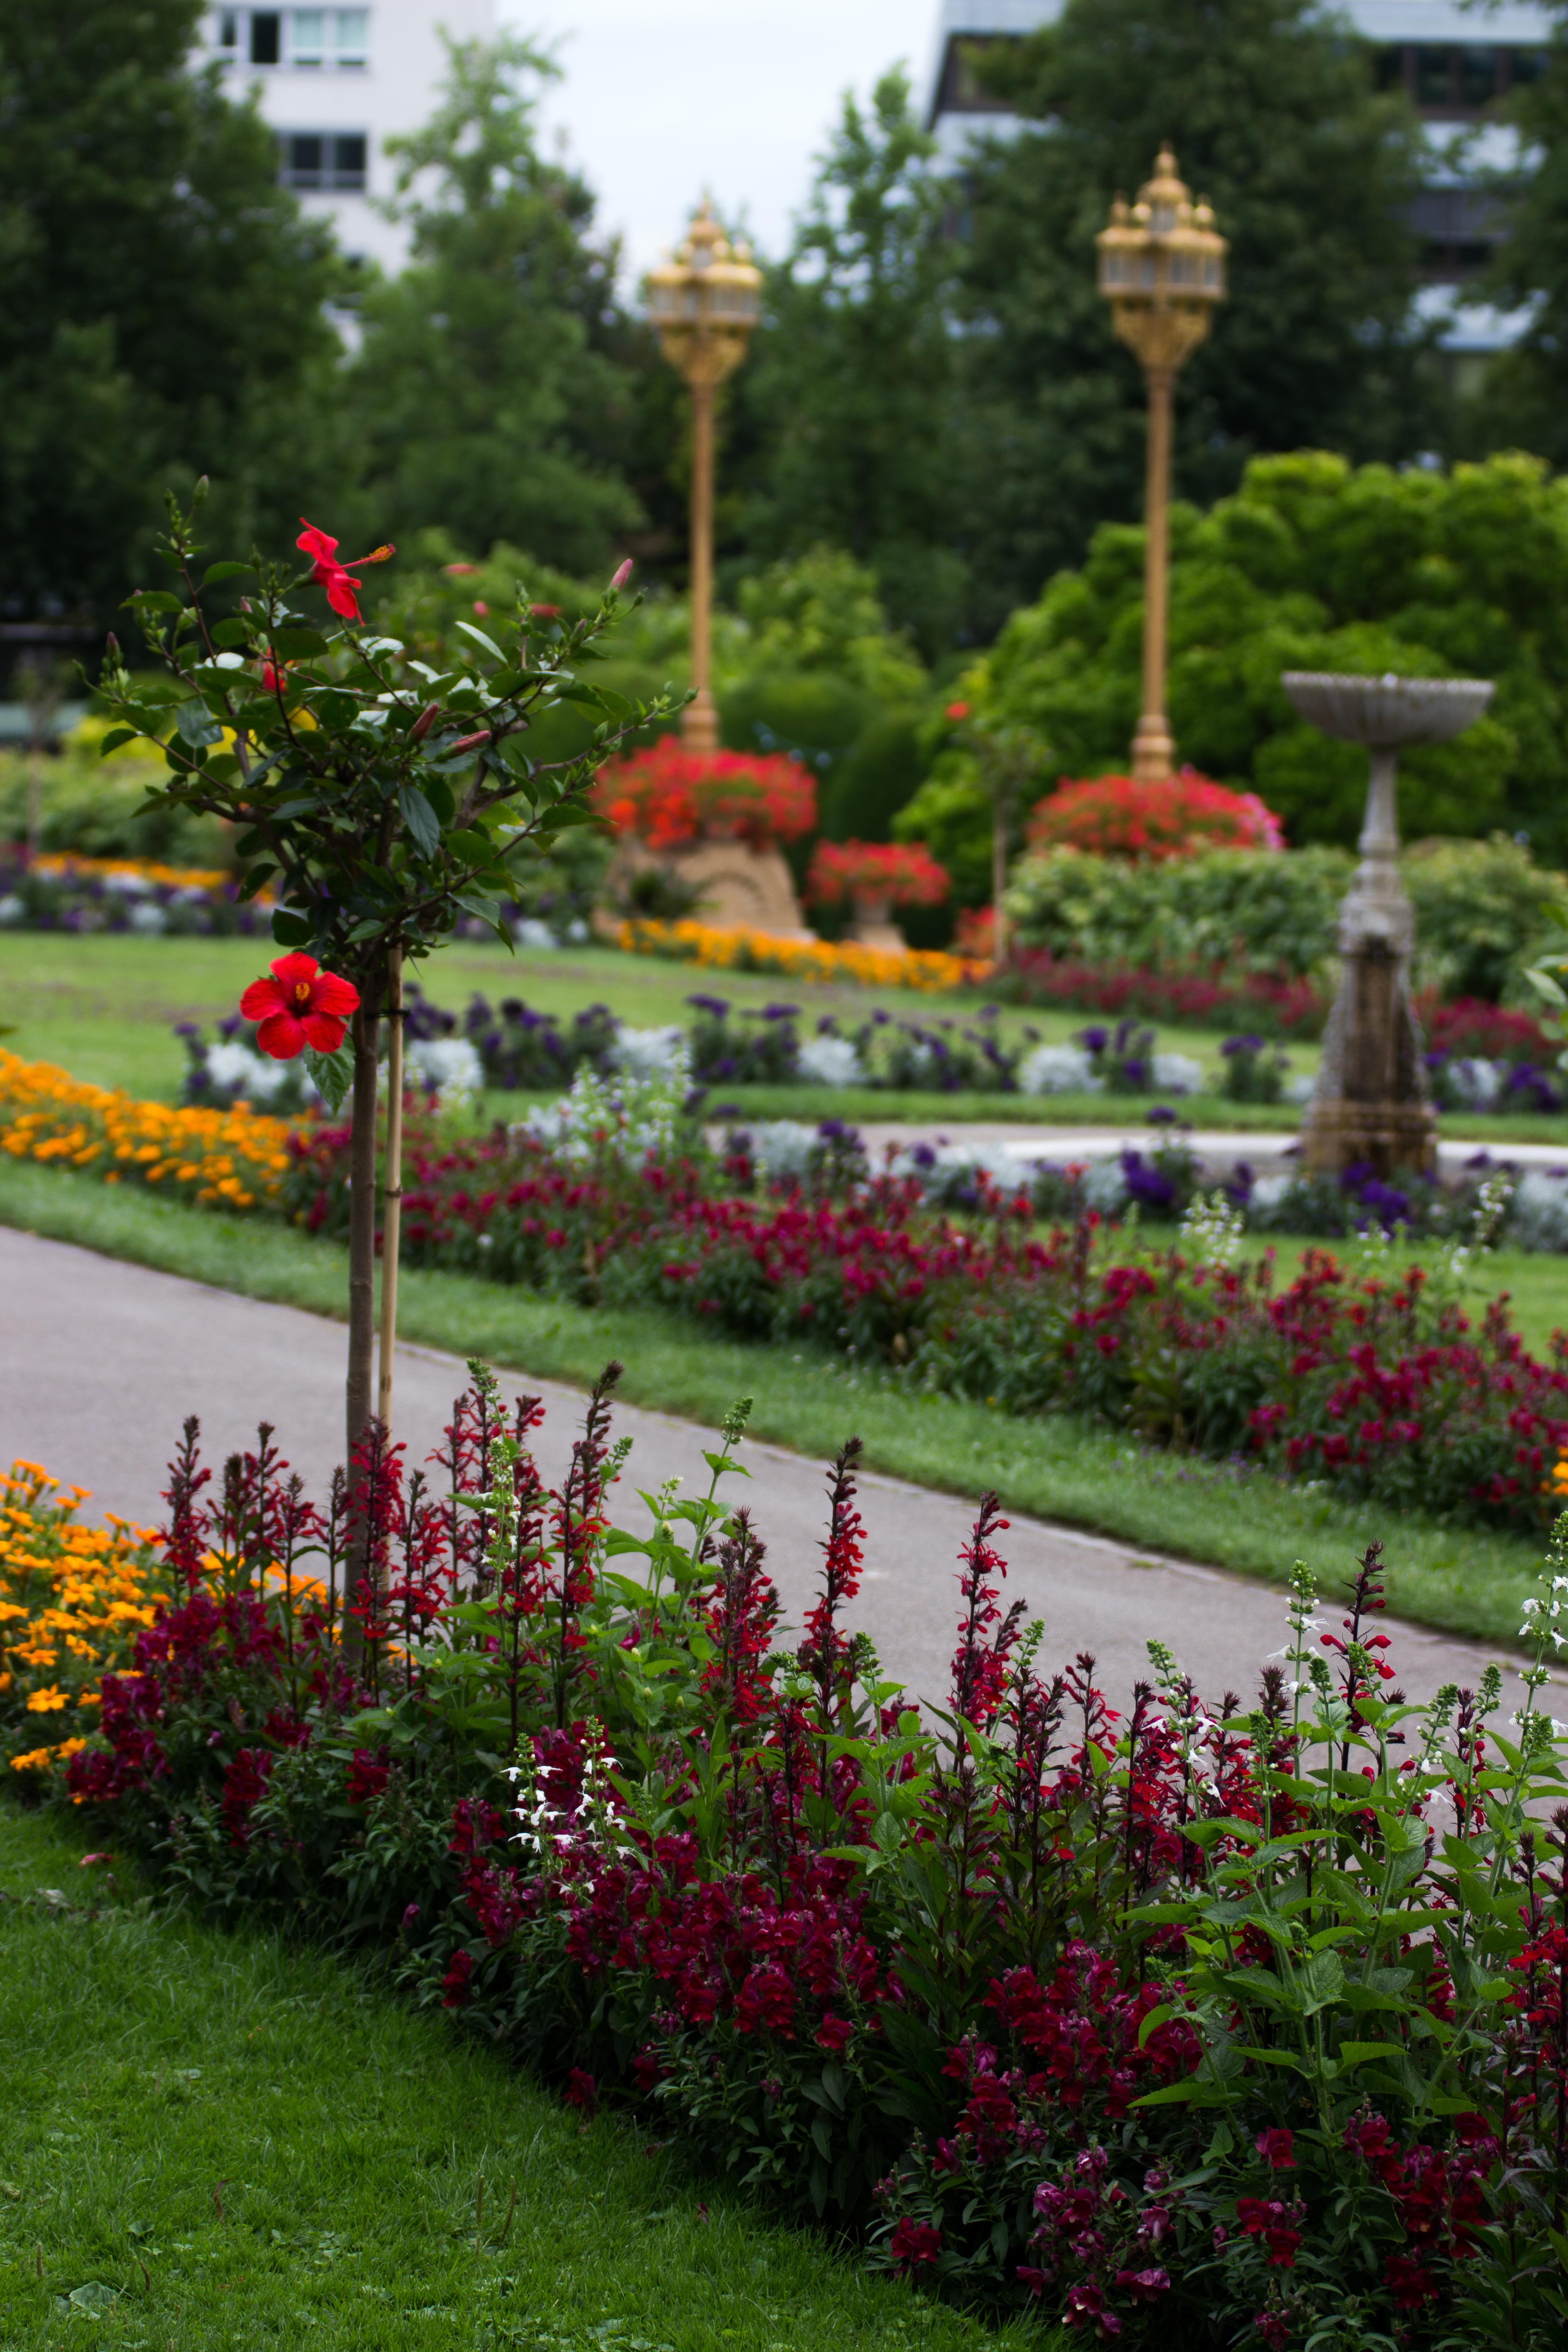 Ogród Botaniczny Wilchelma